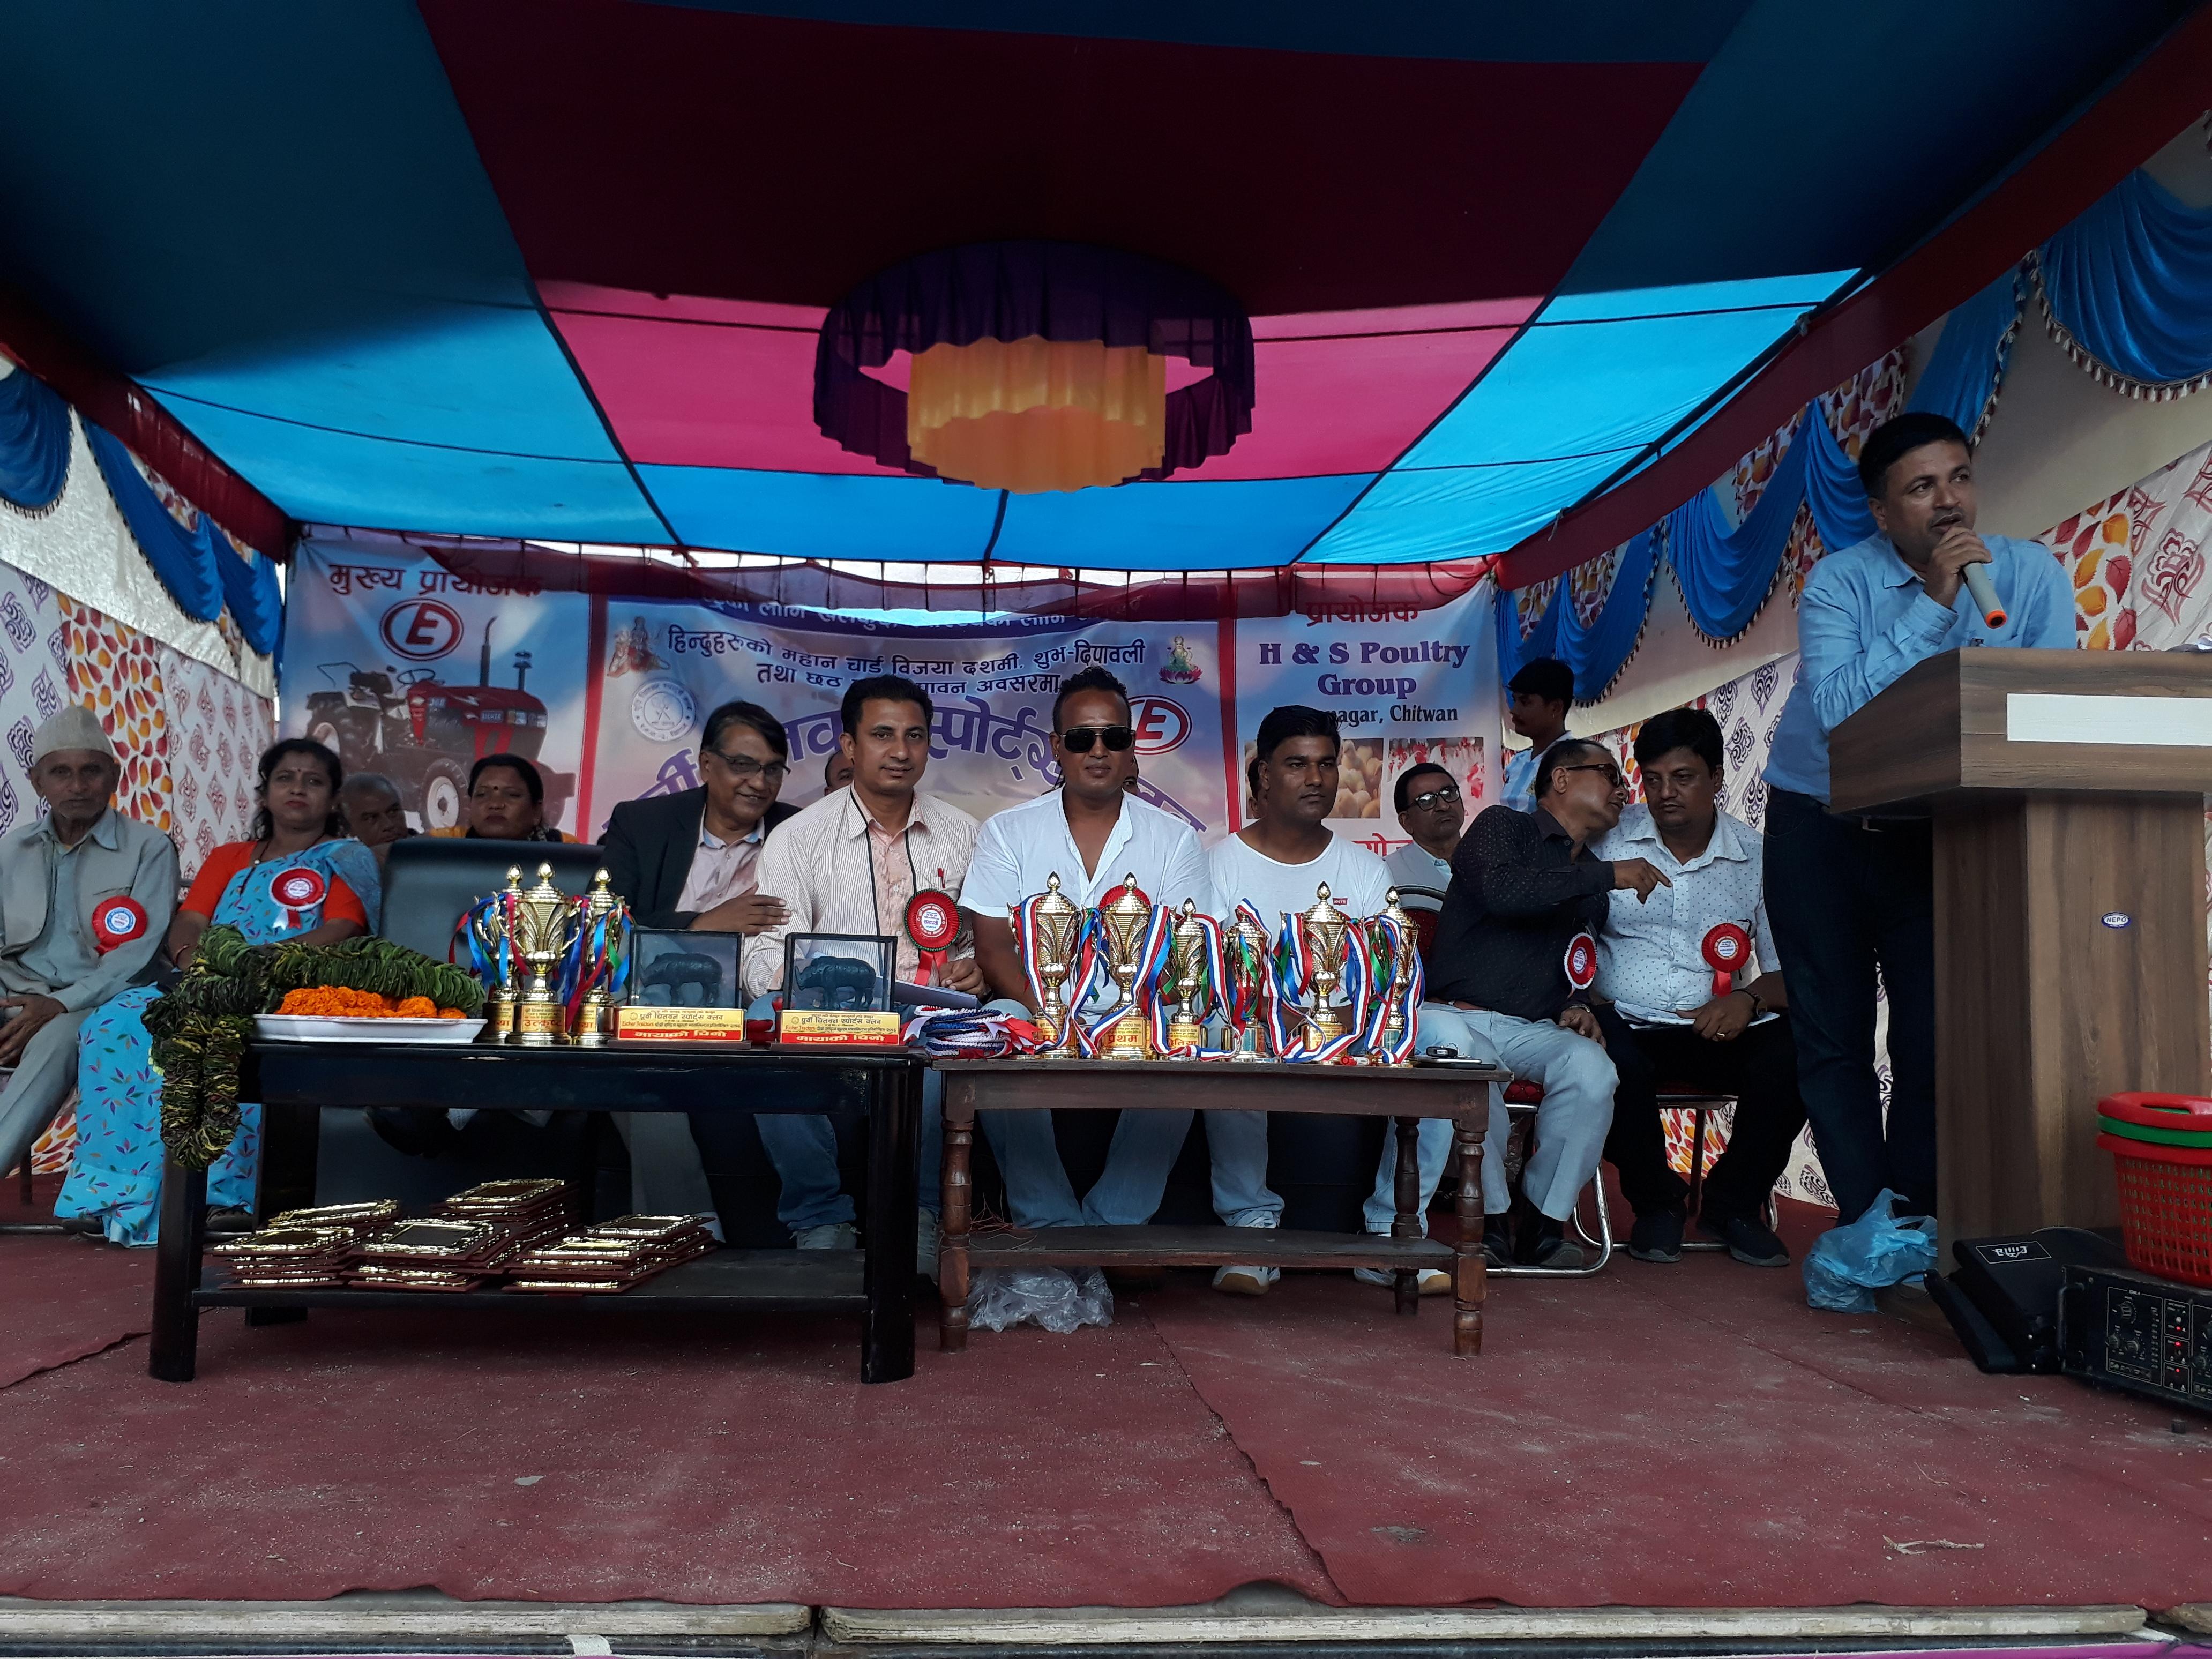 दोश्रो राष्ट्रिय व्याडमिन्टन प्रतियोगिताको उपाधि बुटवलका विनोद  र बैकुण्ठलाई (फोटो फिचर सहित)